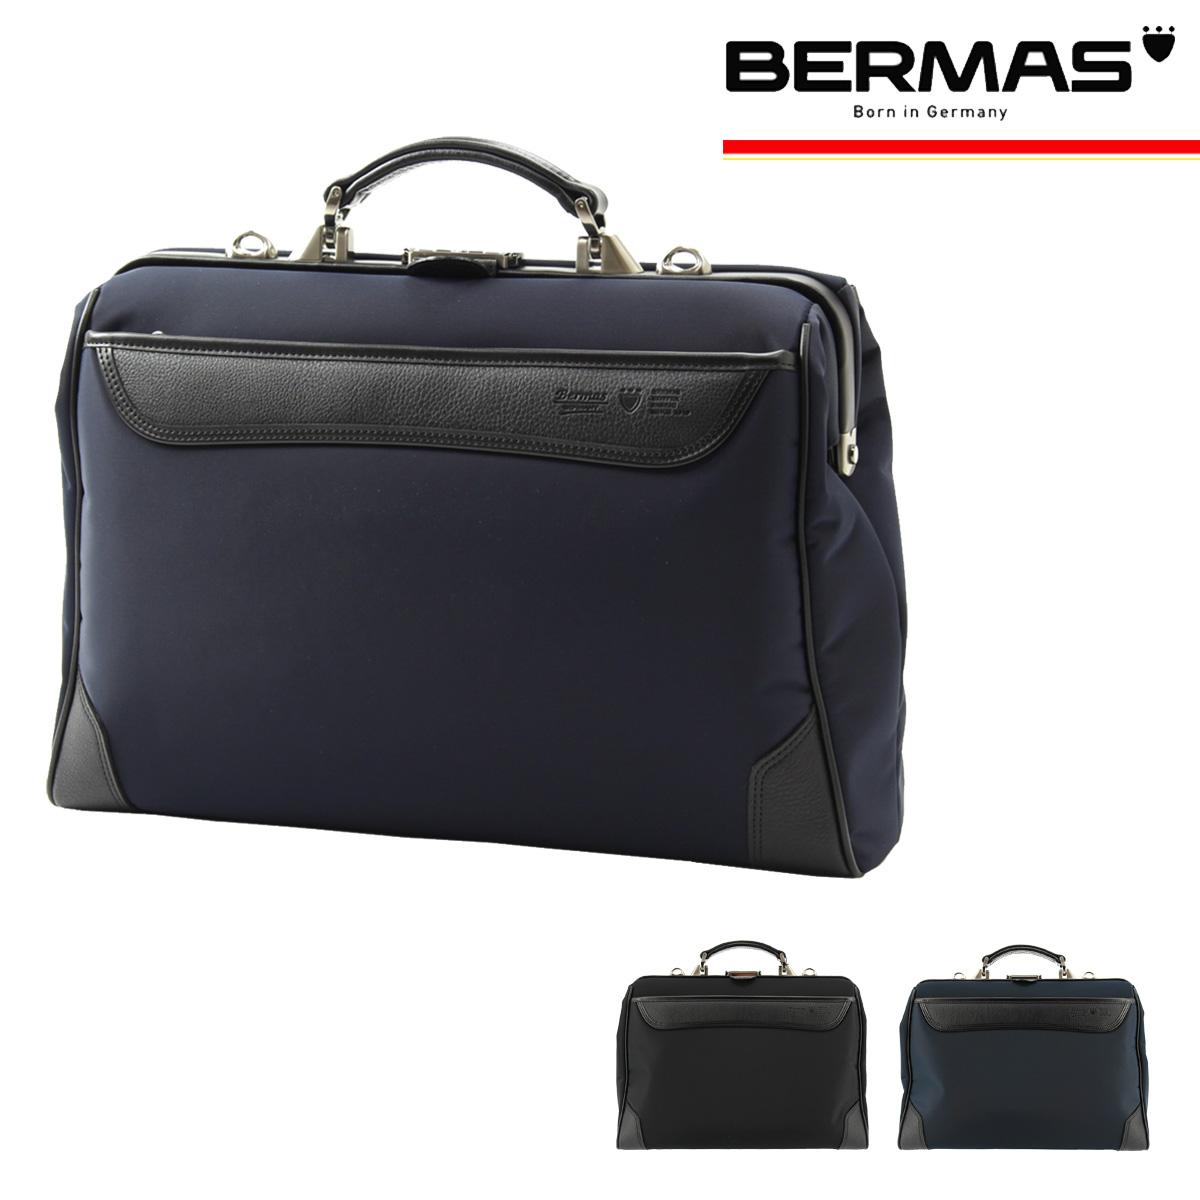 バーマス ブリーフケース 2WAY A4 鍵付 ファース メンズ 60031 BERMAS | ビジネスバッグ ビジネスリュック ナイロン 日本製[bef][PO10]